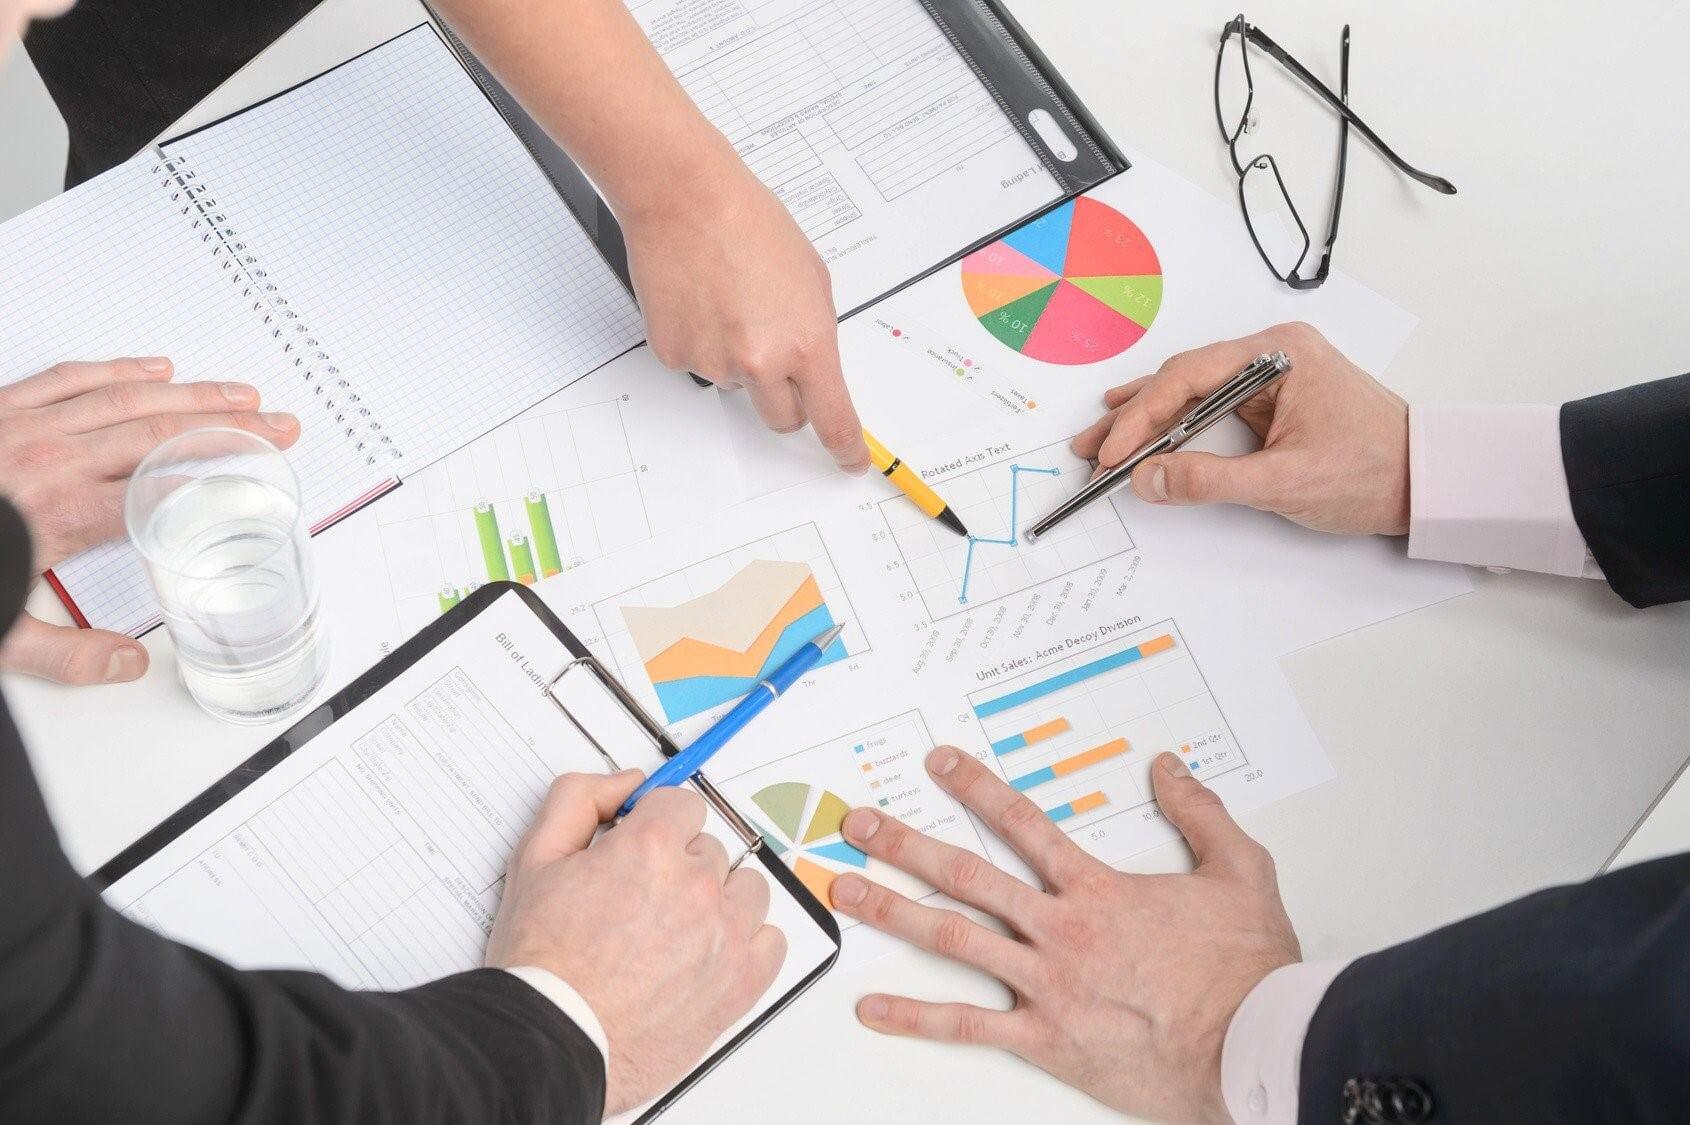 Бизнес-идеи 2021 — какой доход сейчас актуален и список лучших